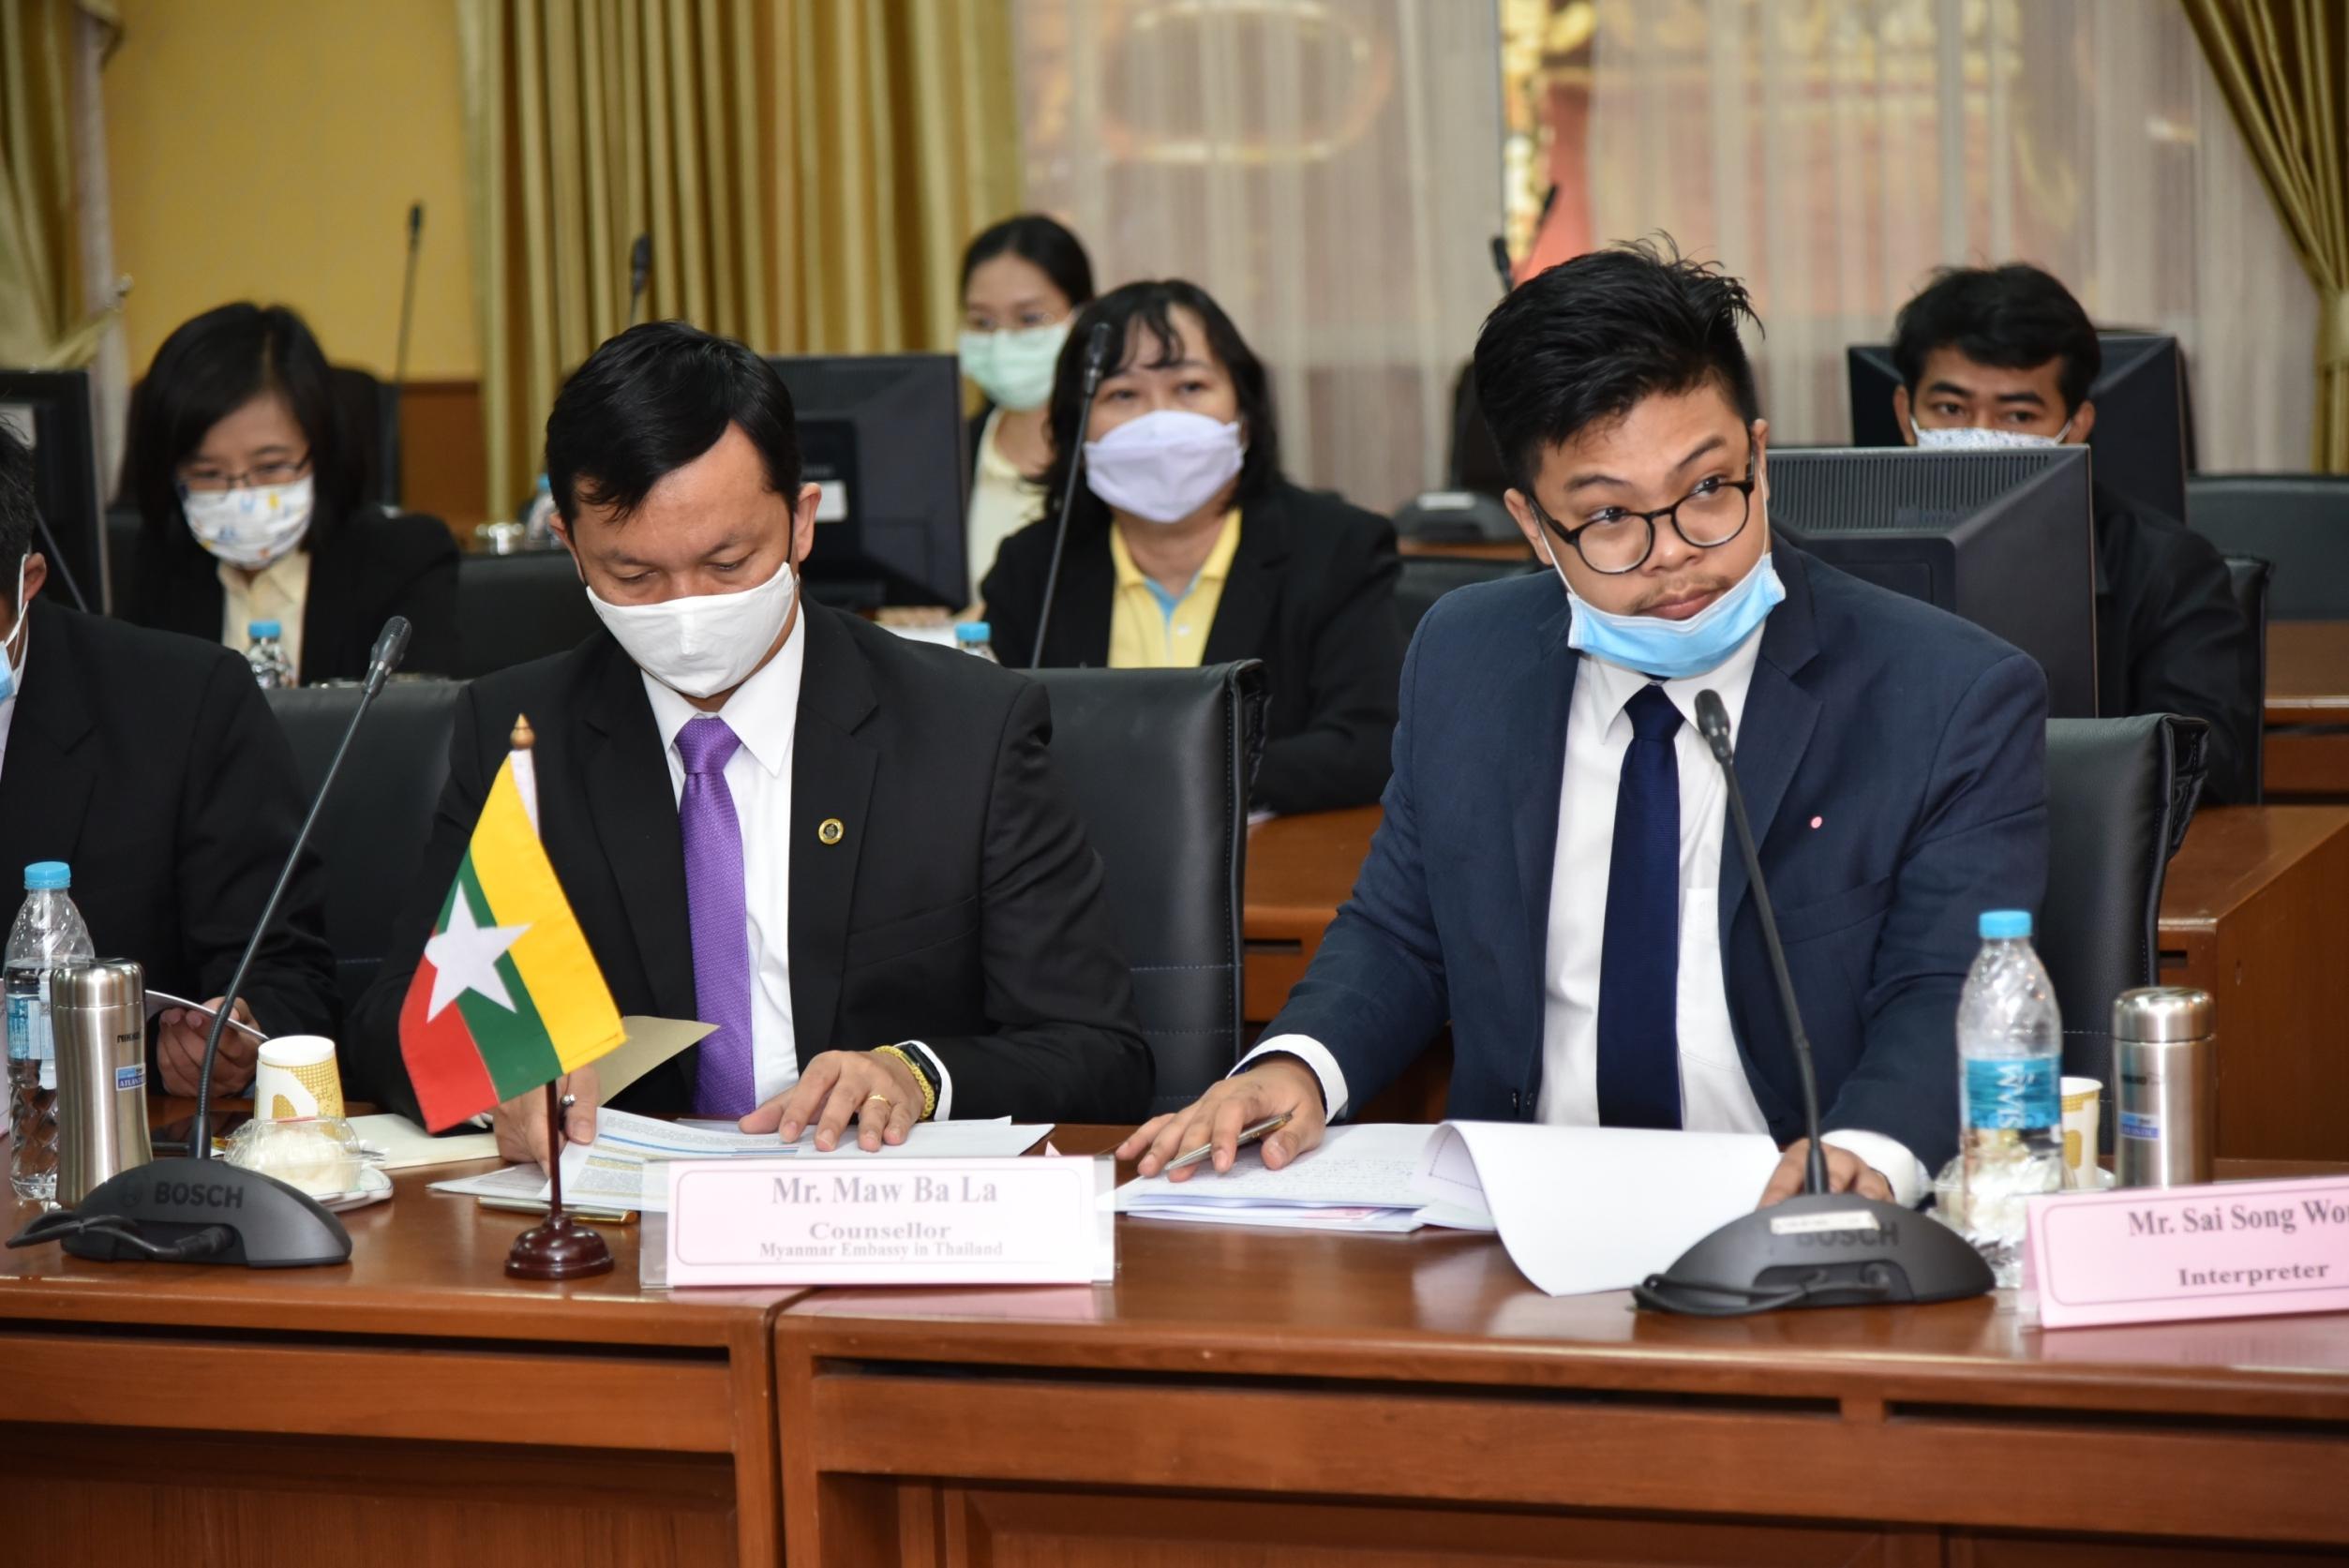 กรมการจัดหางานประชุมระดับวิชาการไทย-เมียนมา  ผ่านระบบ VDO Conference